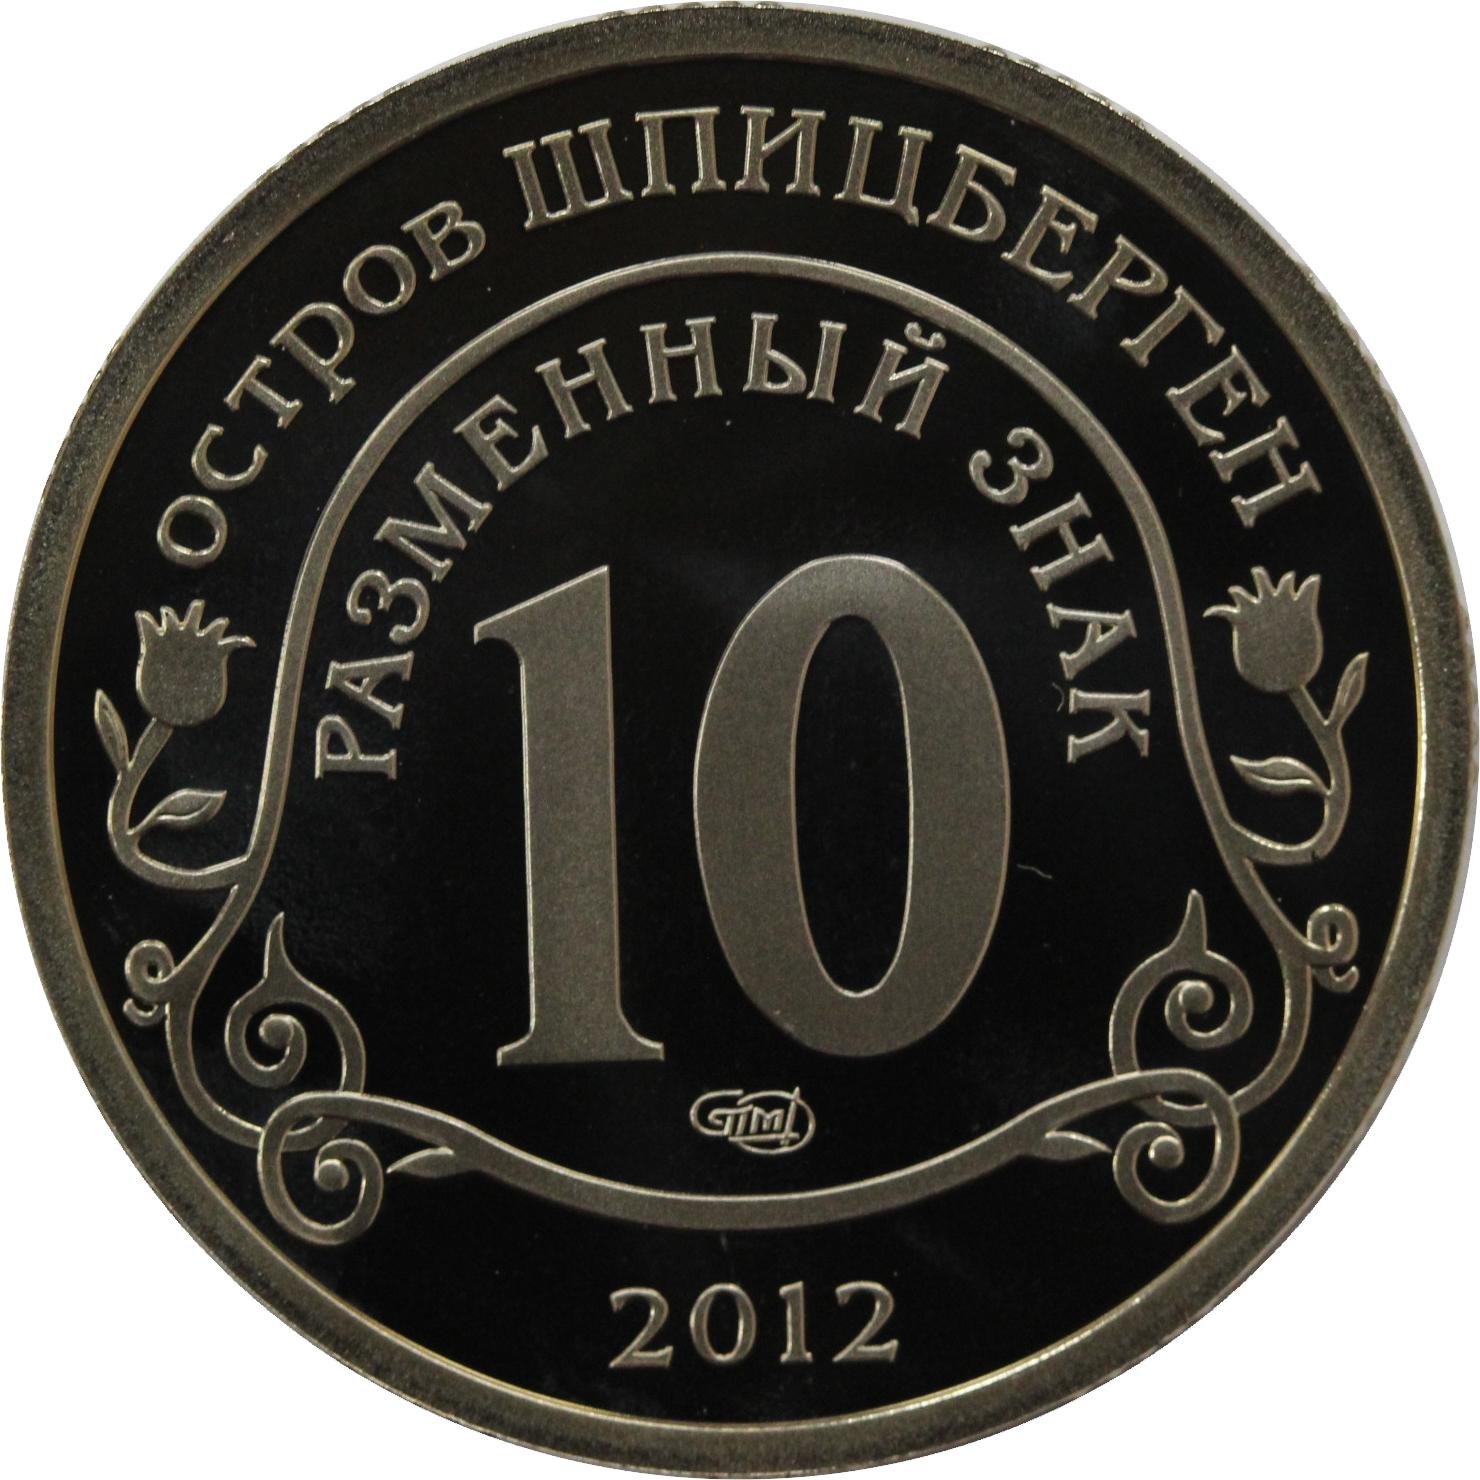 10 Разменный знак. Остров Шпицберген.